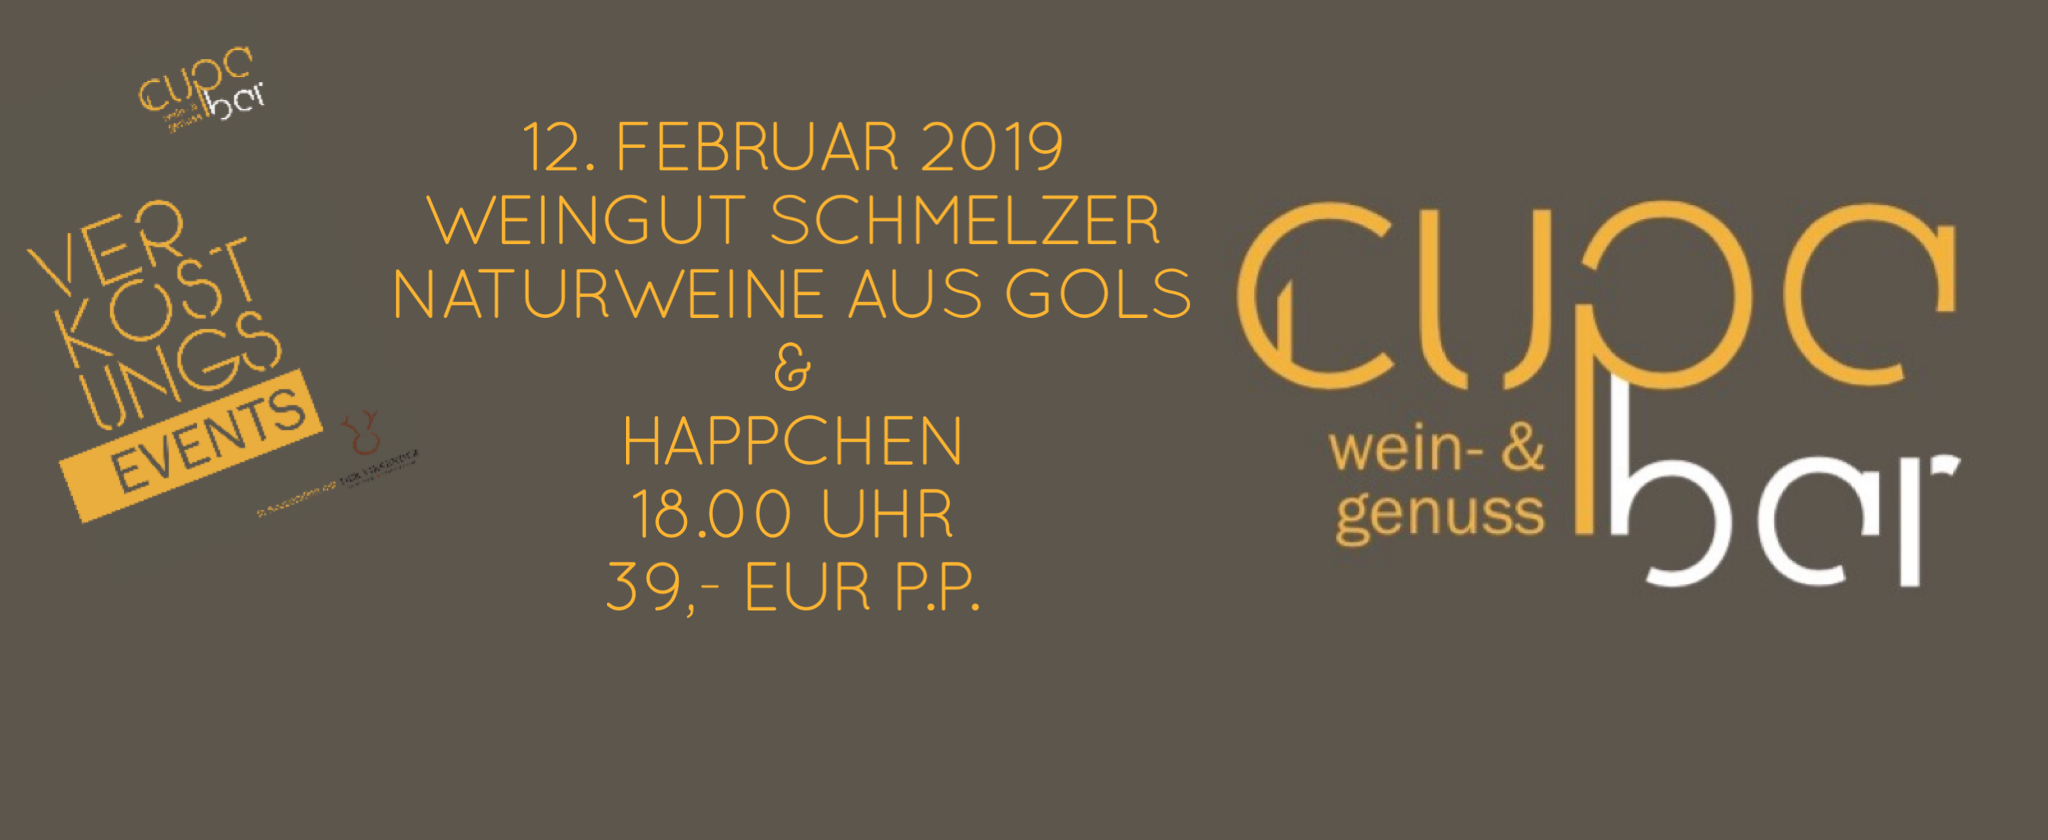 Verkostungs Events . Cupa Bar . Weingut Schmelzer . Gols . 12. Febraur 2019